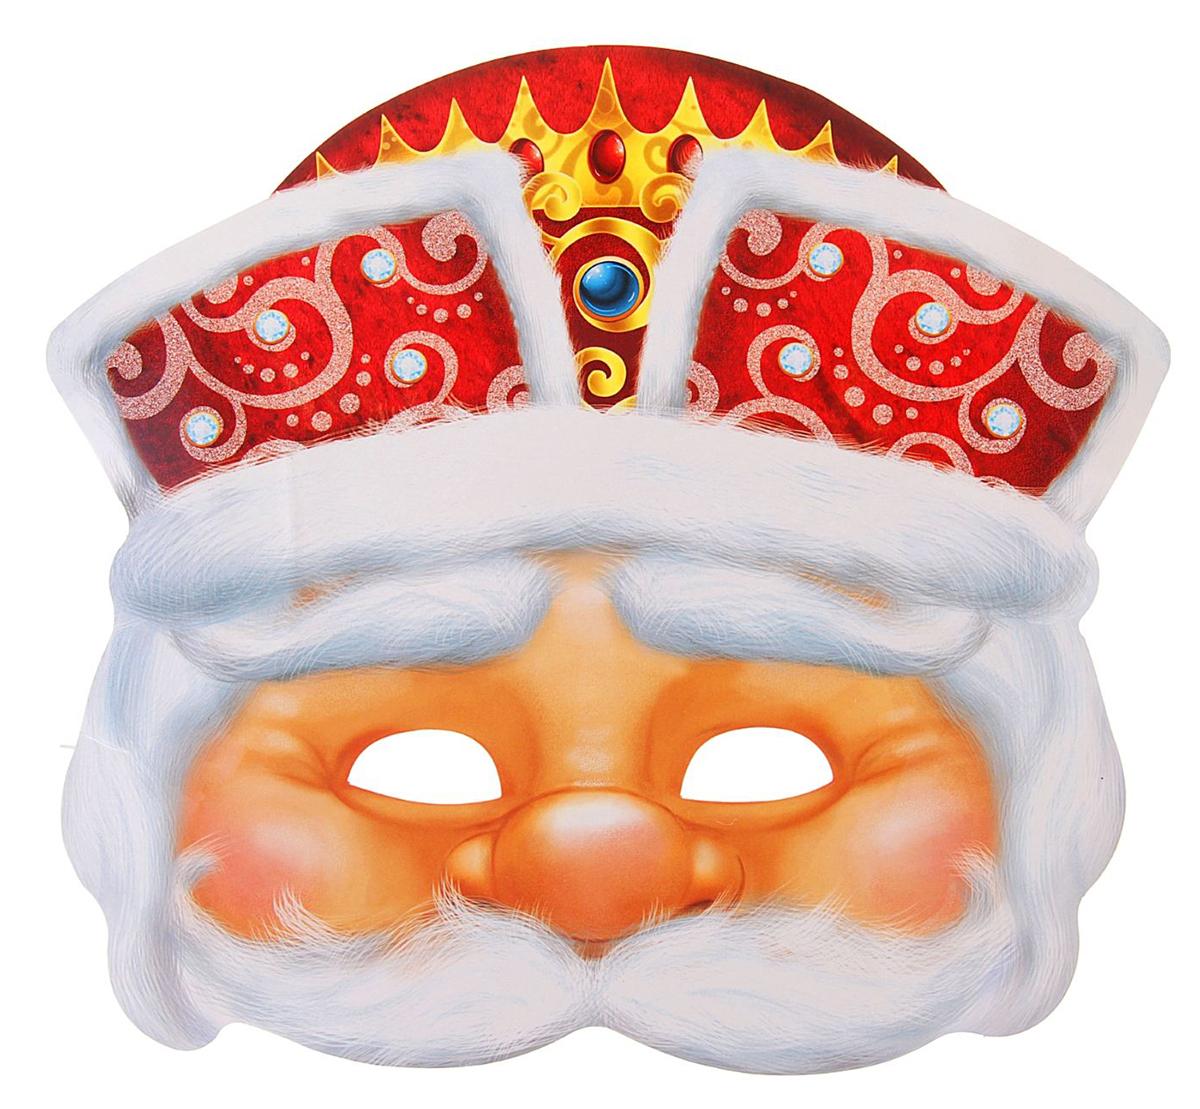 Маска карнавальная Страна Карнавалия  Дед Мороз , 26,5 х 23,9 см -  Маски карнавальные